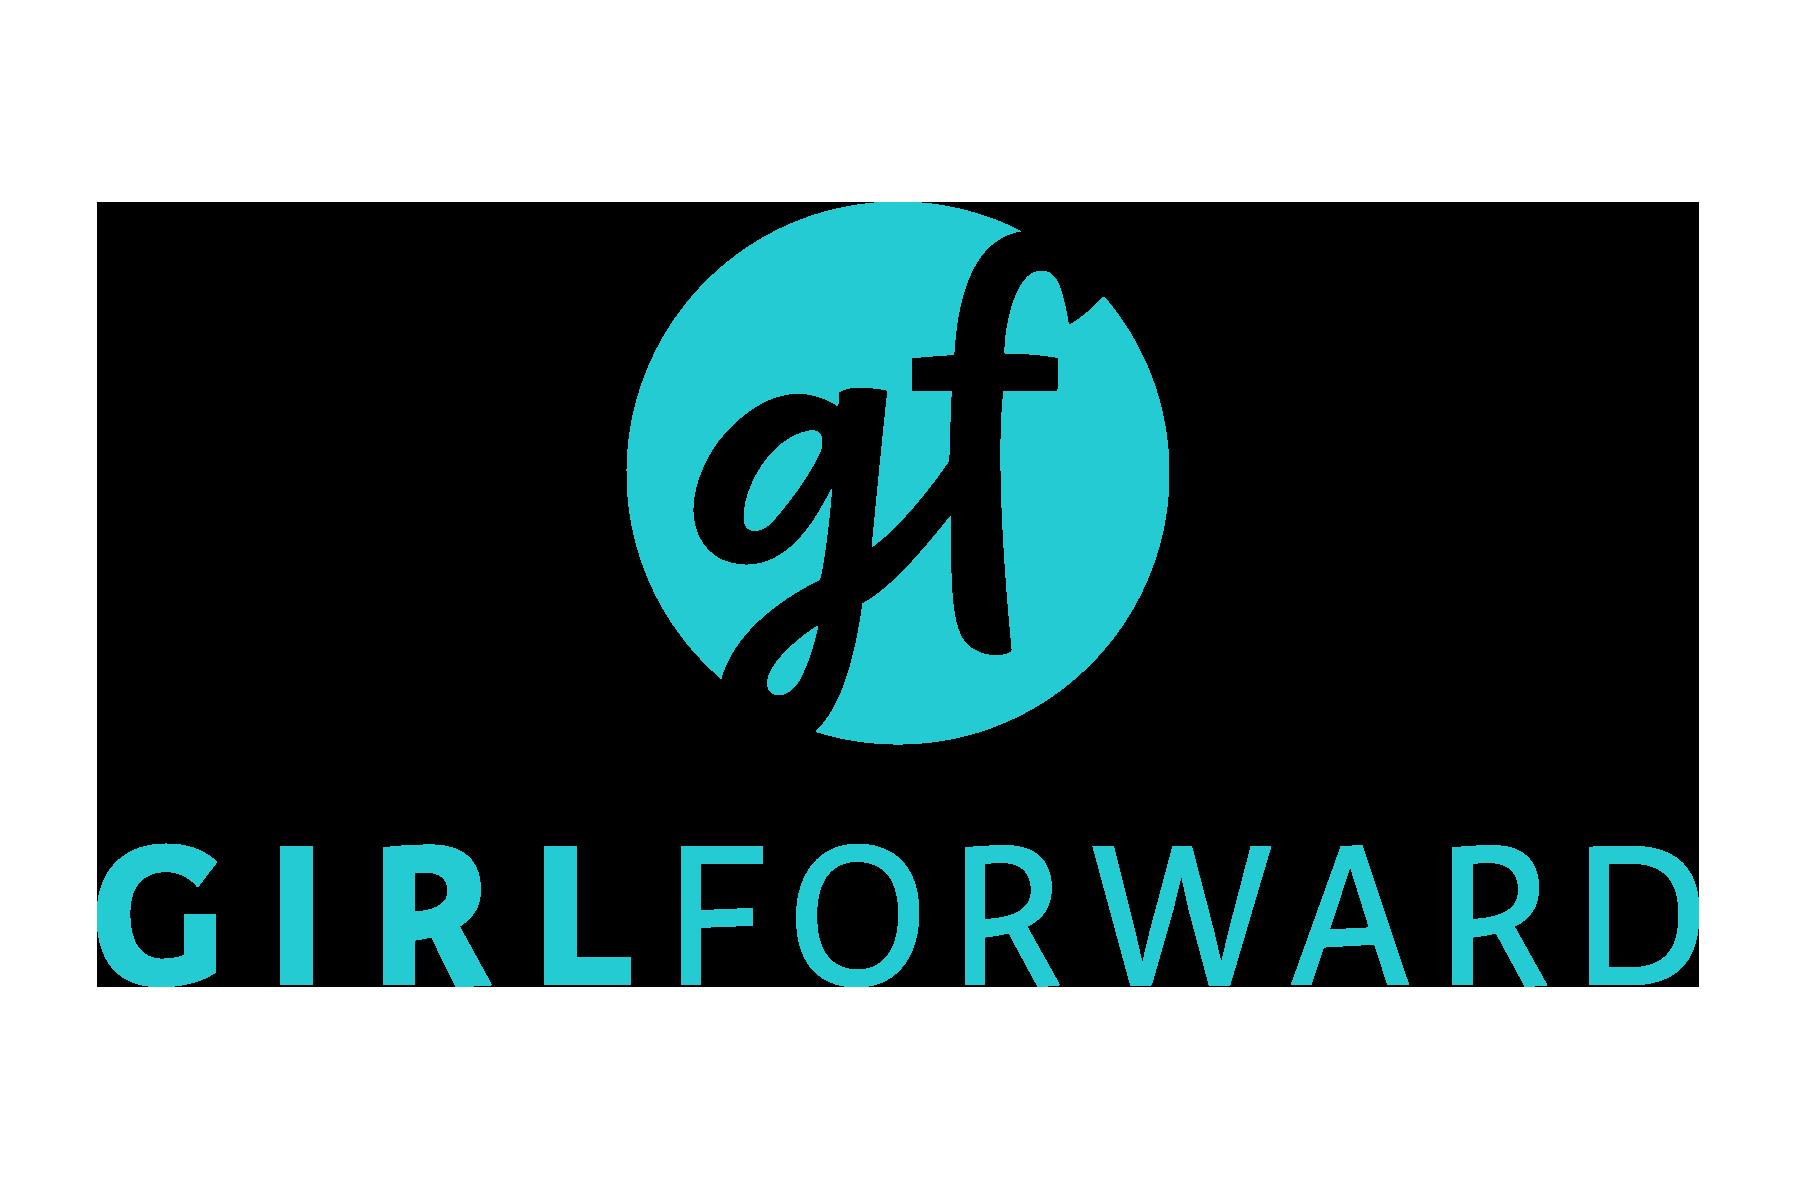 girlforward